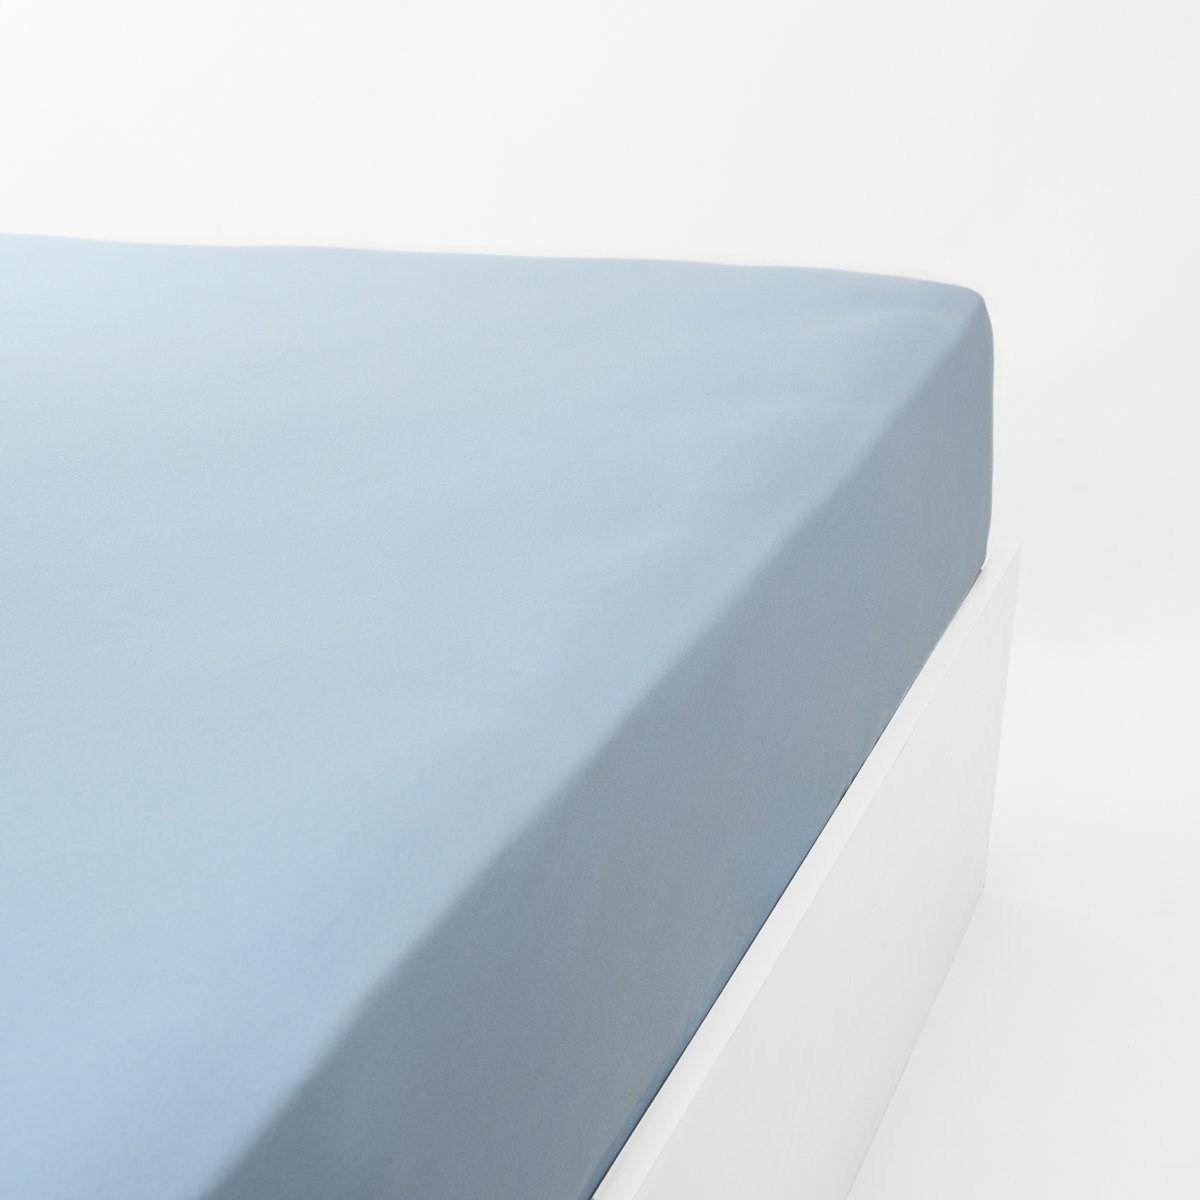 Drap housse jersey extensible en coton bleu clair 180x200 cm